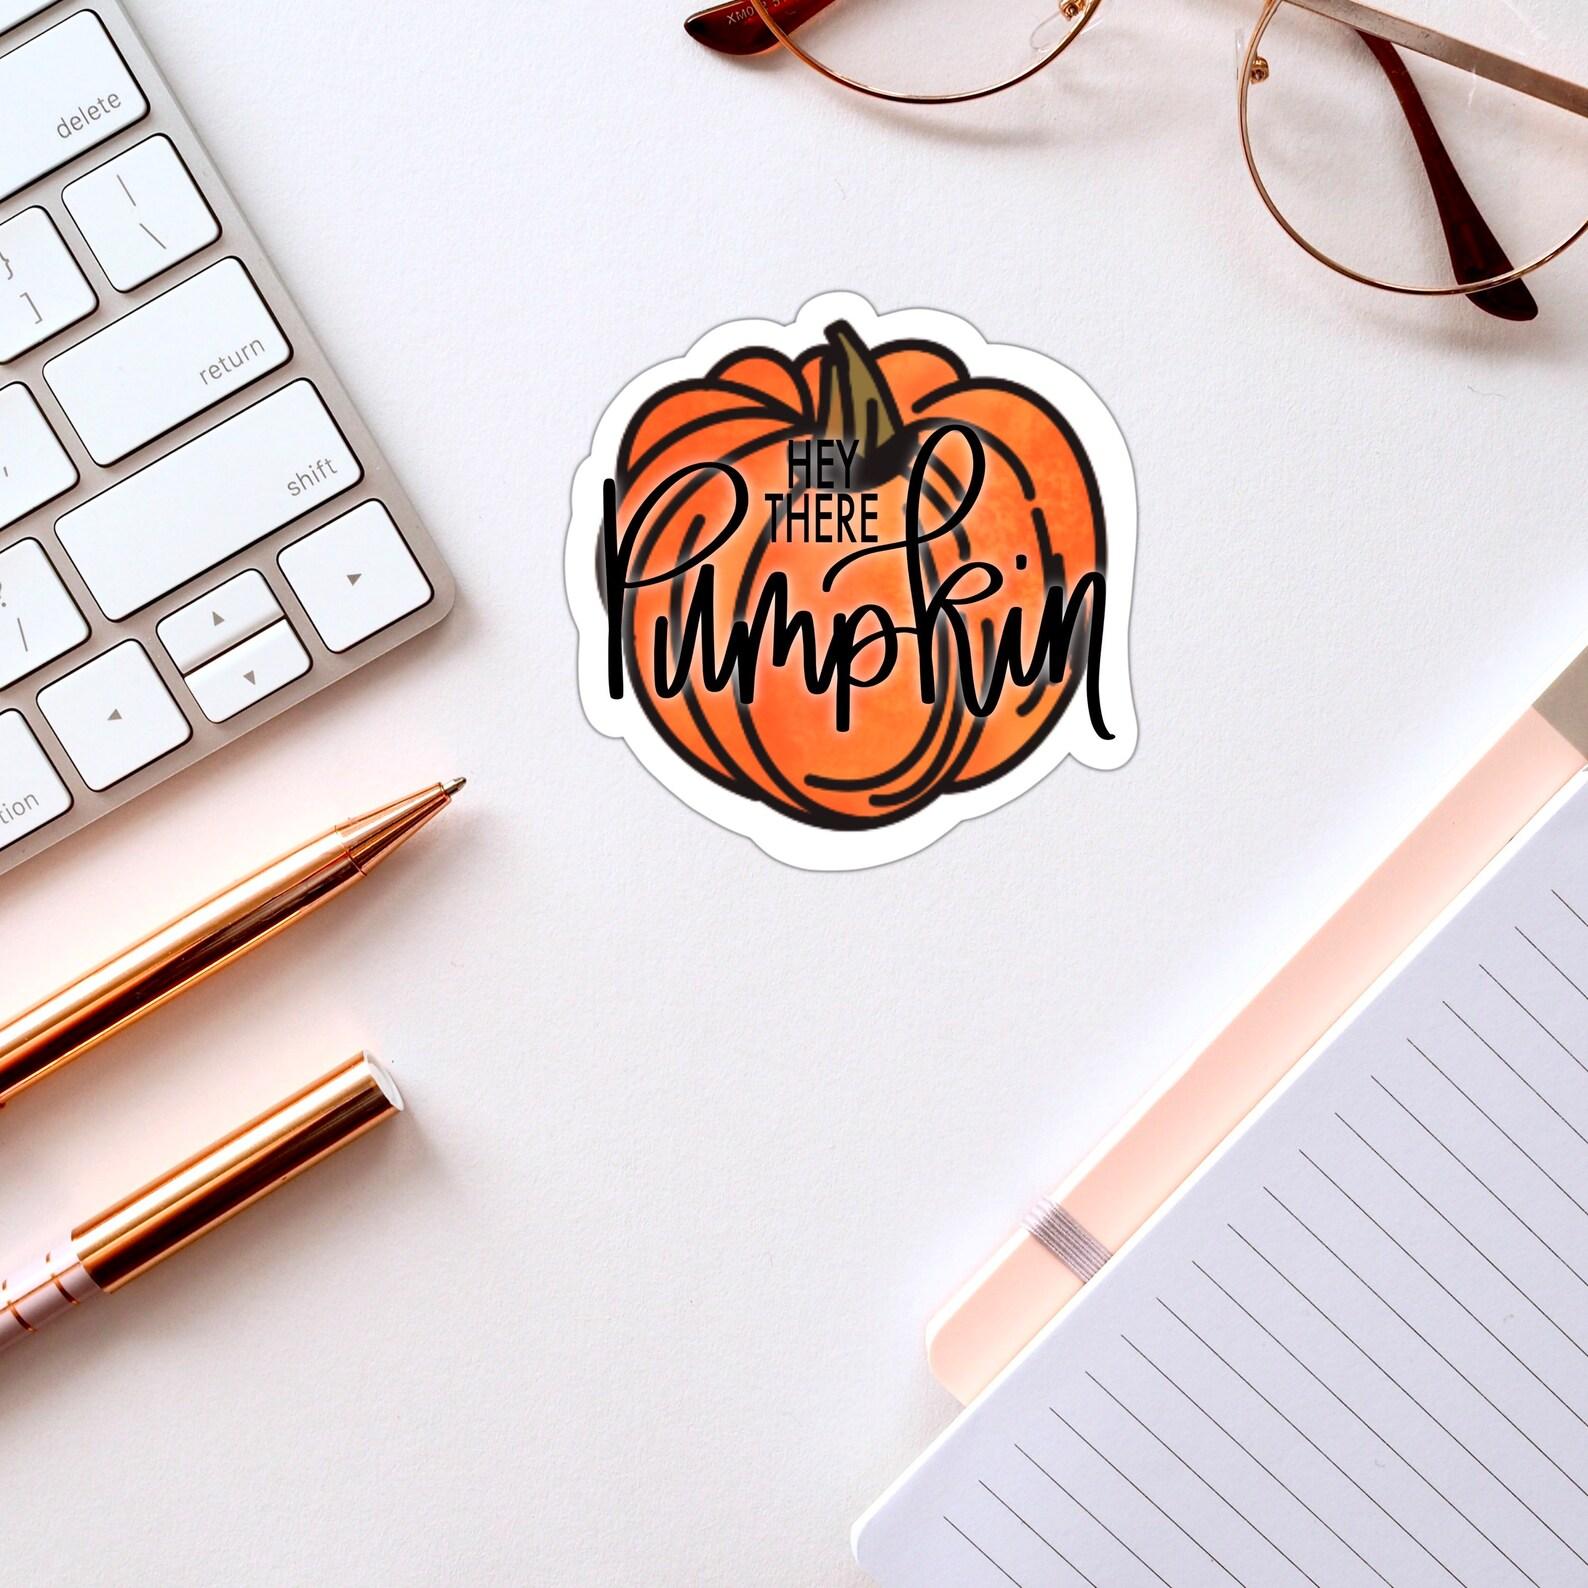 Hey es Kürbis süße Herbst Gruß Herbst Ernte Hallo Vinyl   Etsy